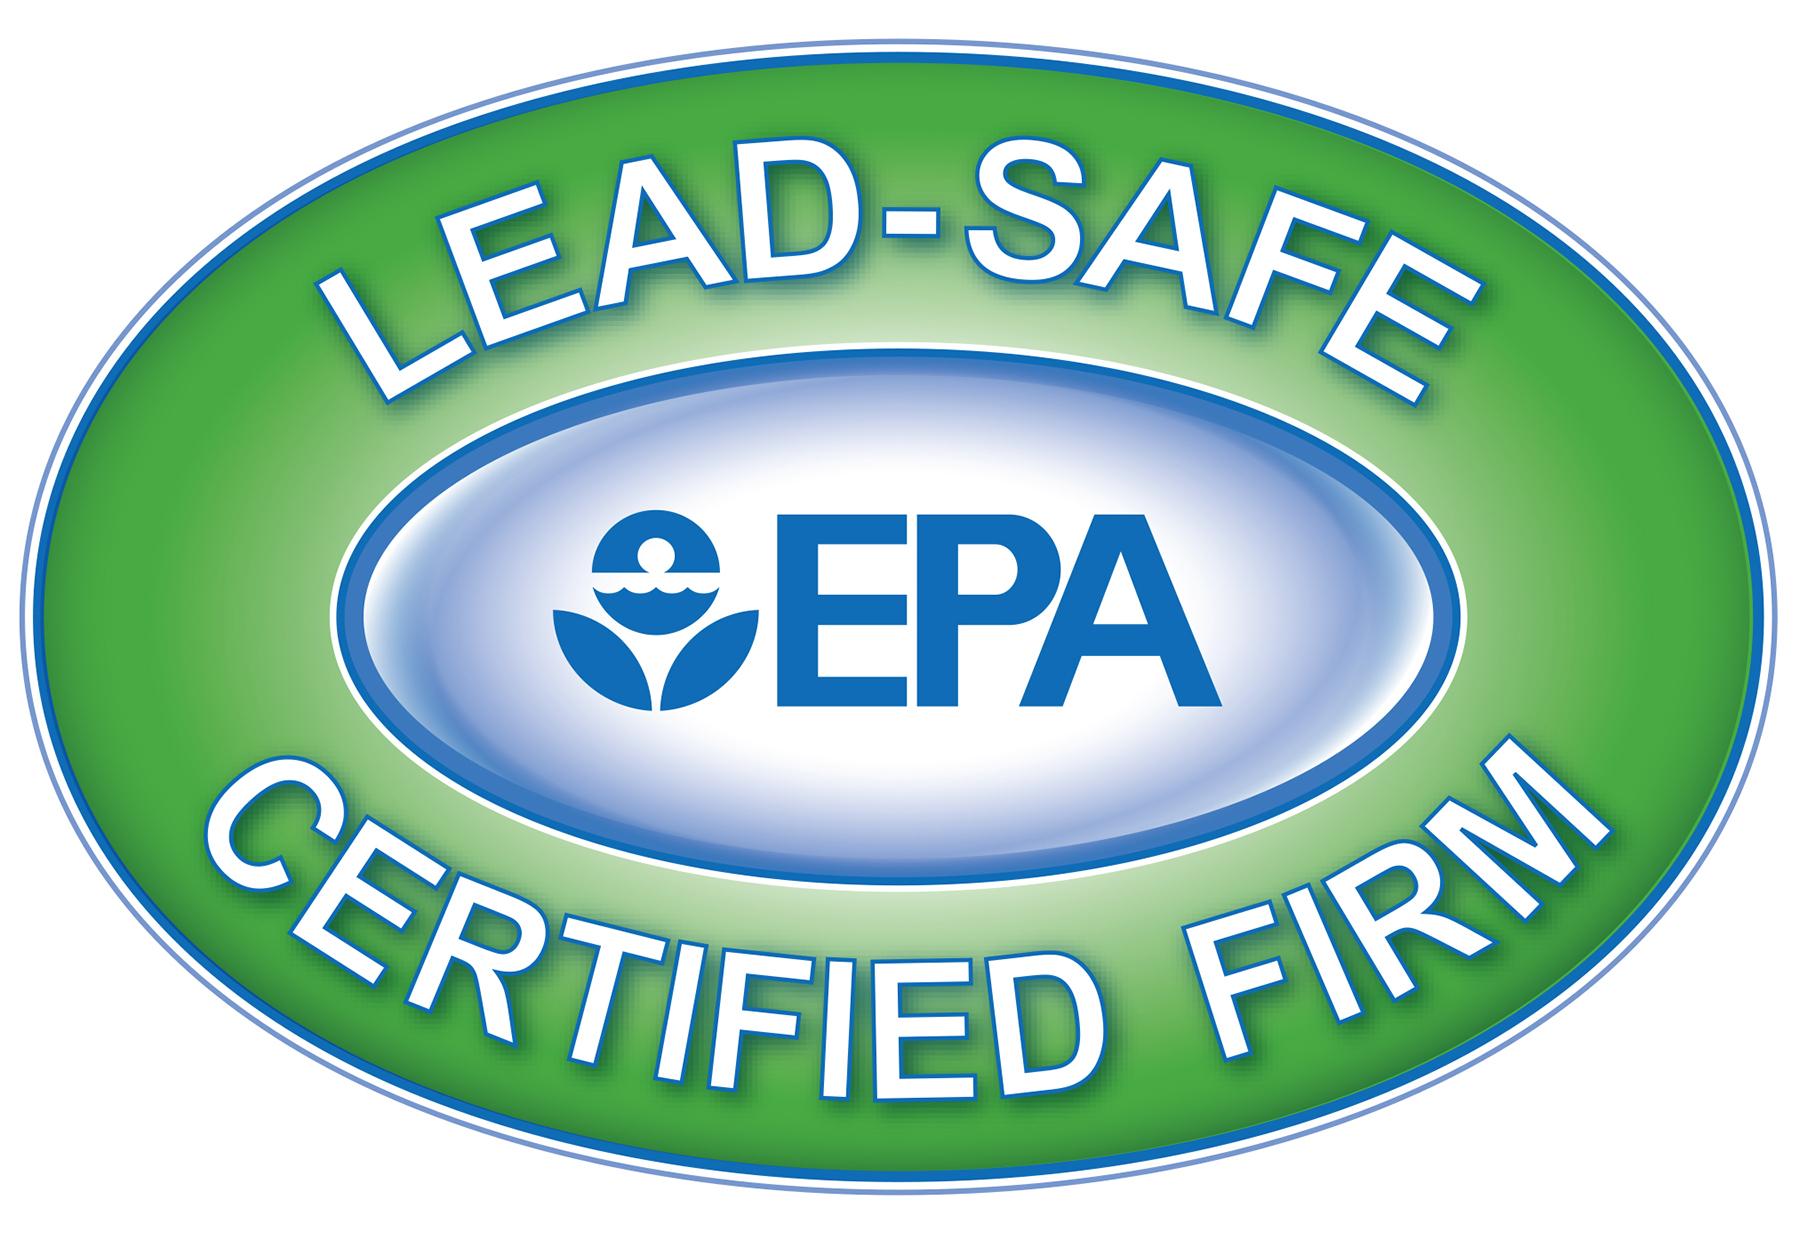 Arrow Renovation is an EPA Lead-Safe Certified Firm